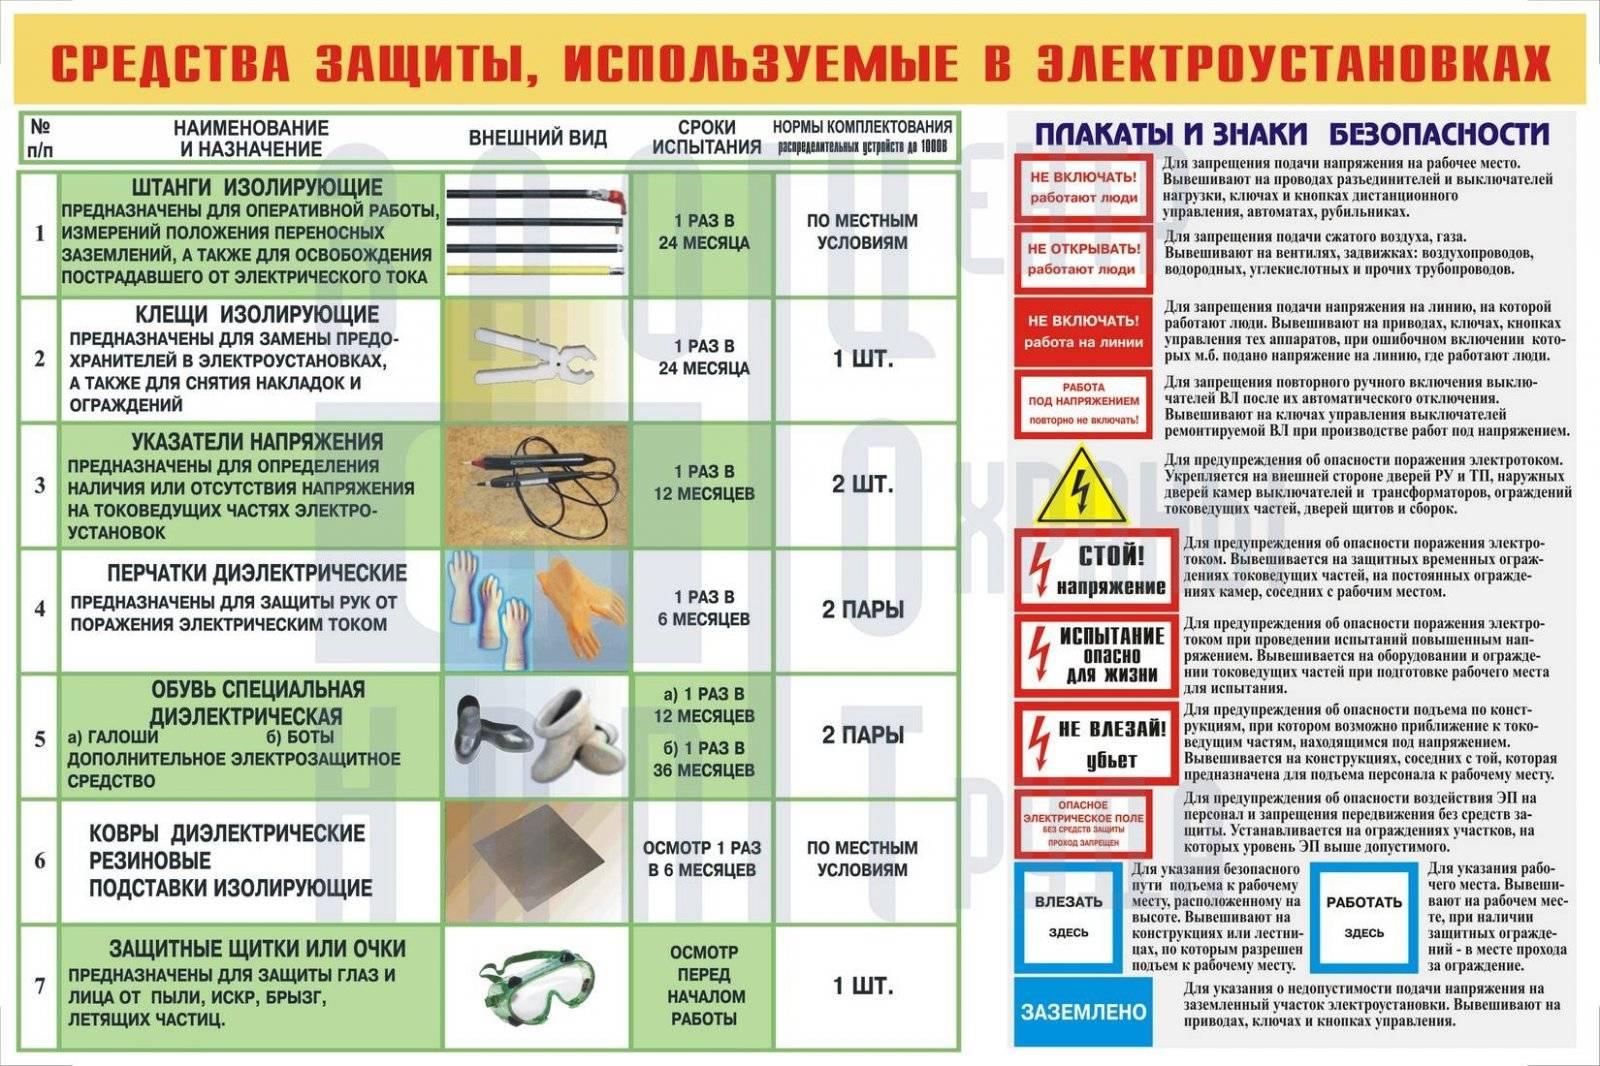 Электрозащитные средства и инструменты